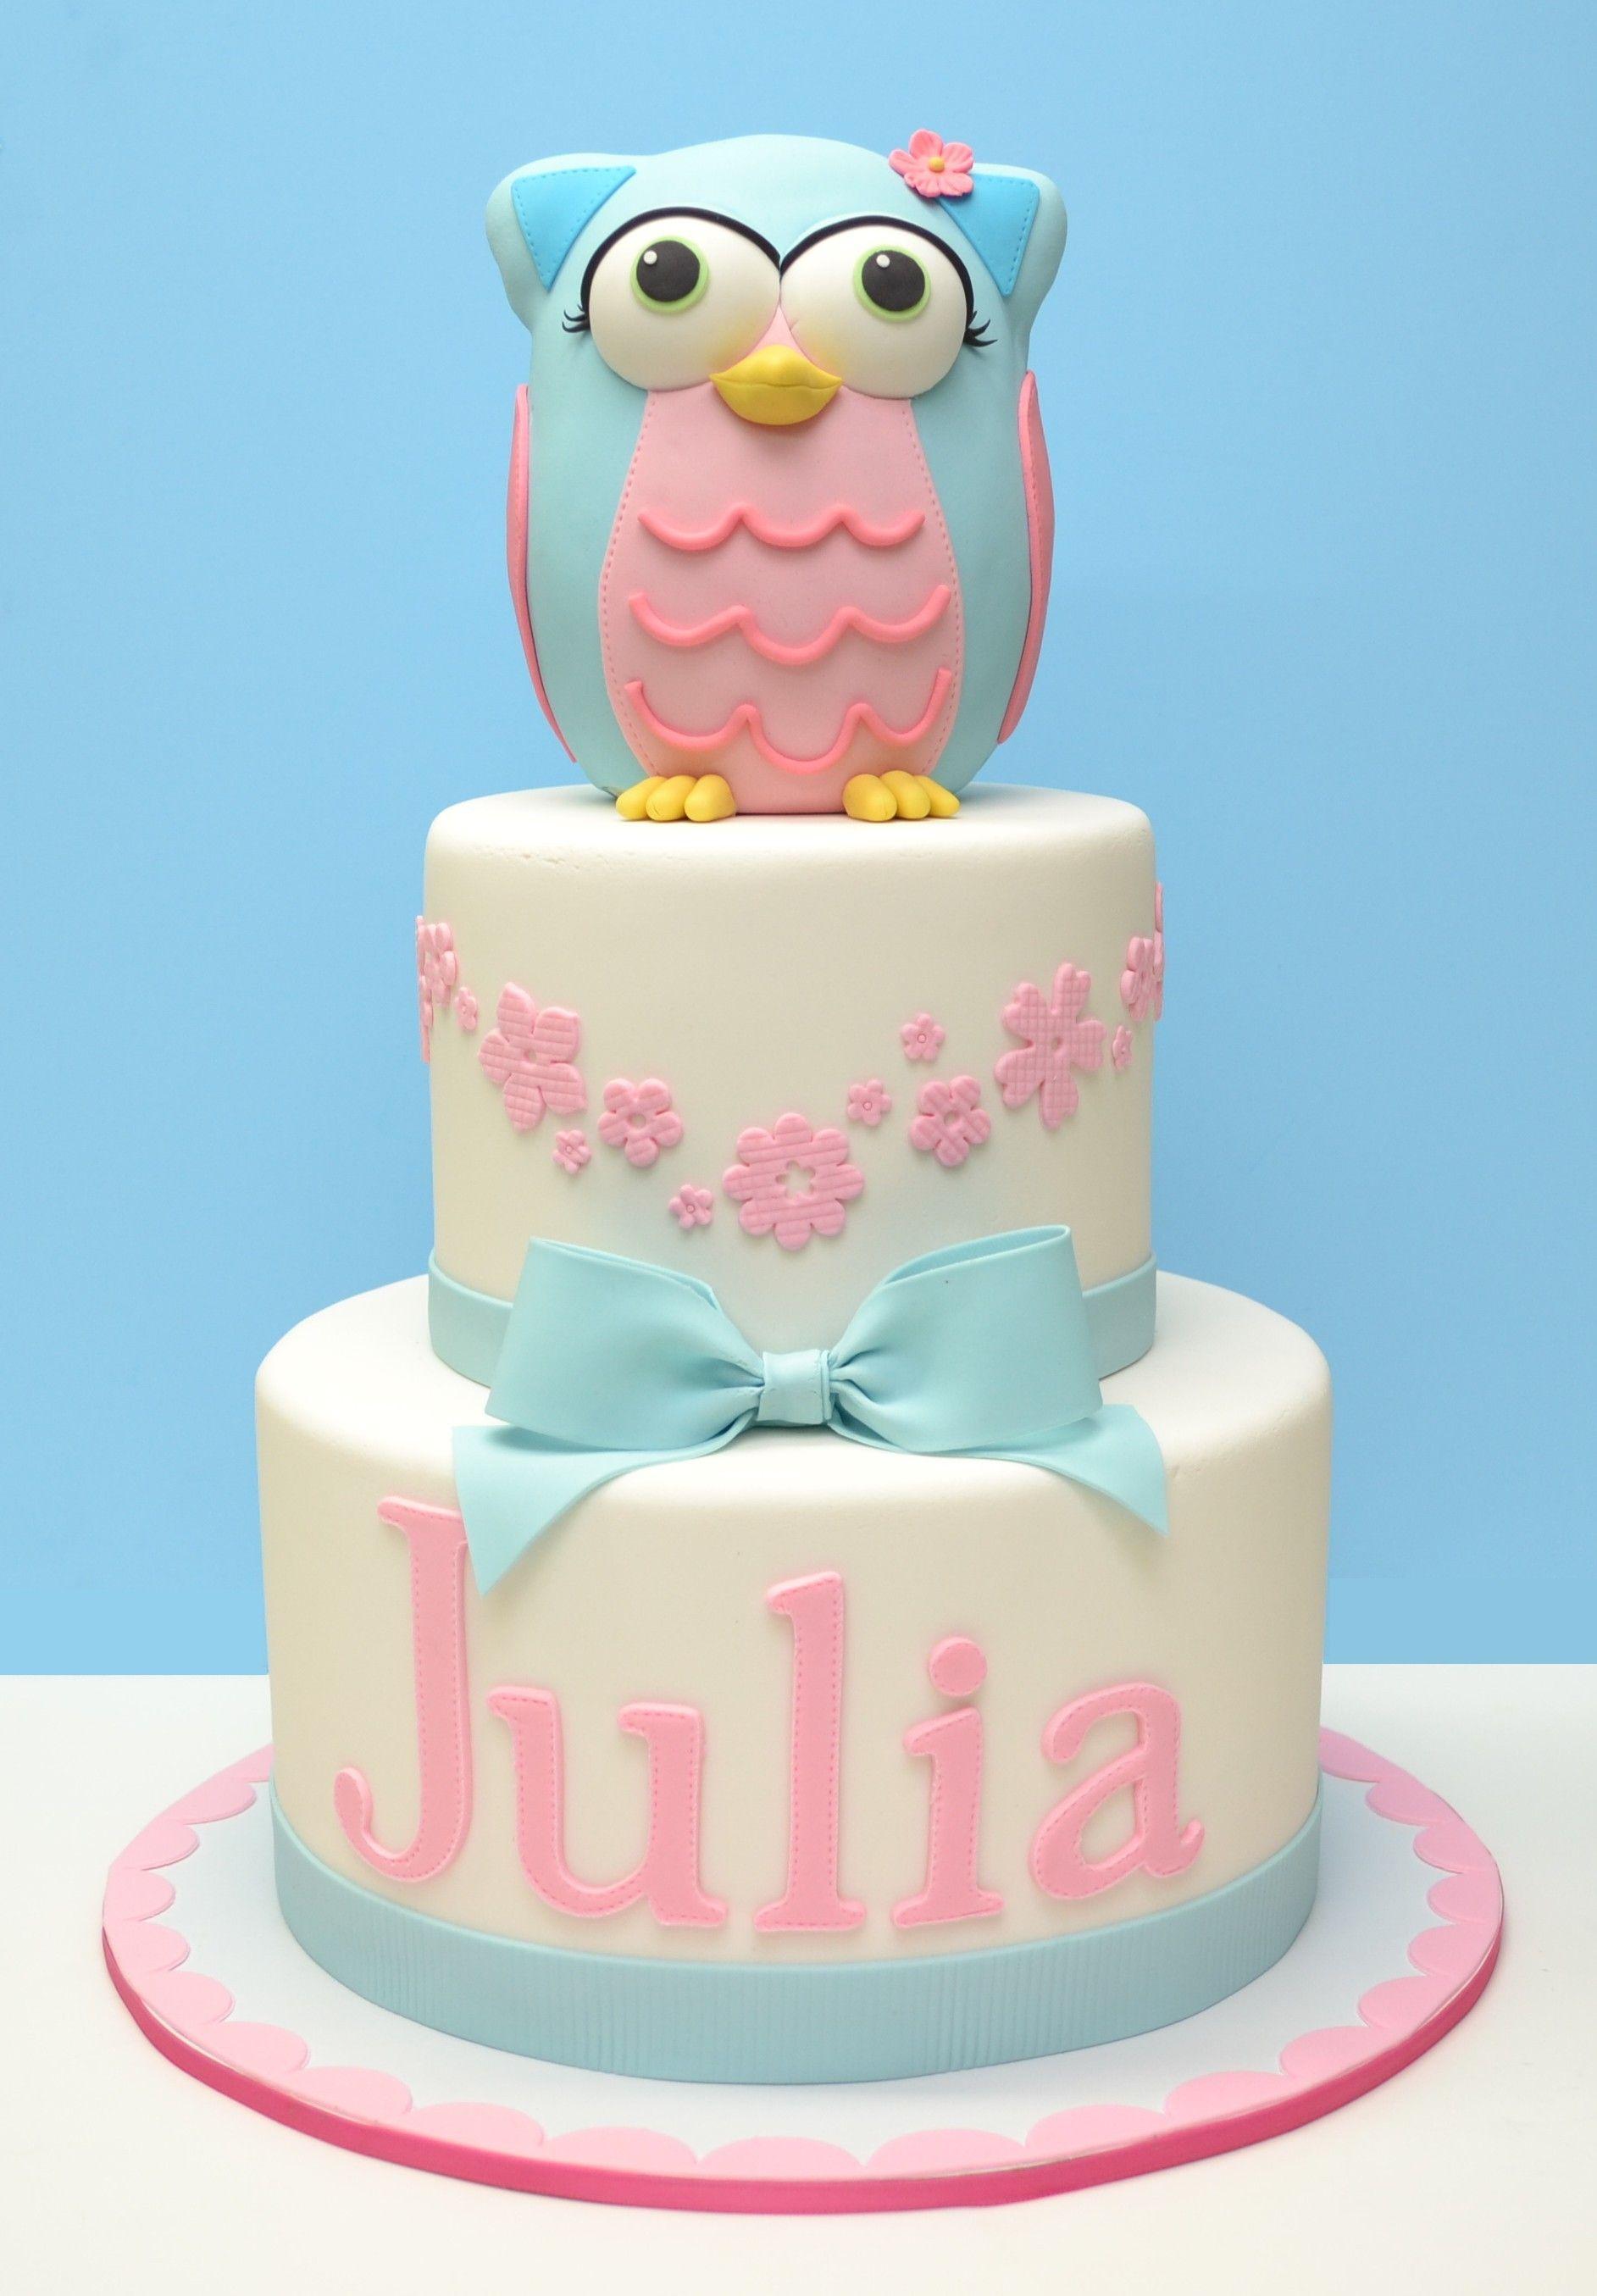 Owl Cake Kids Cakes Pinterest Owl cakes Cake and Balloon cake